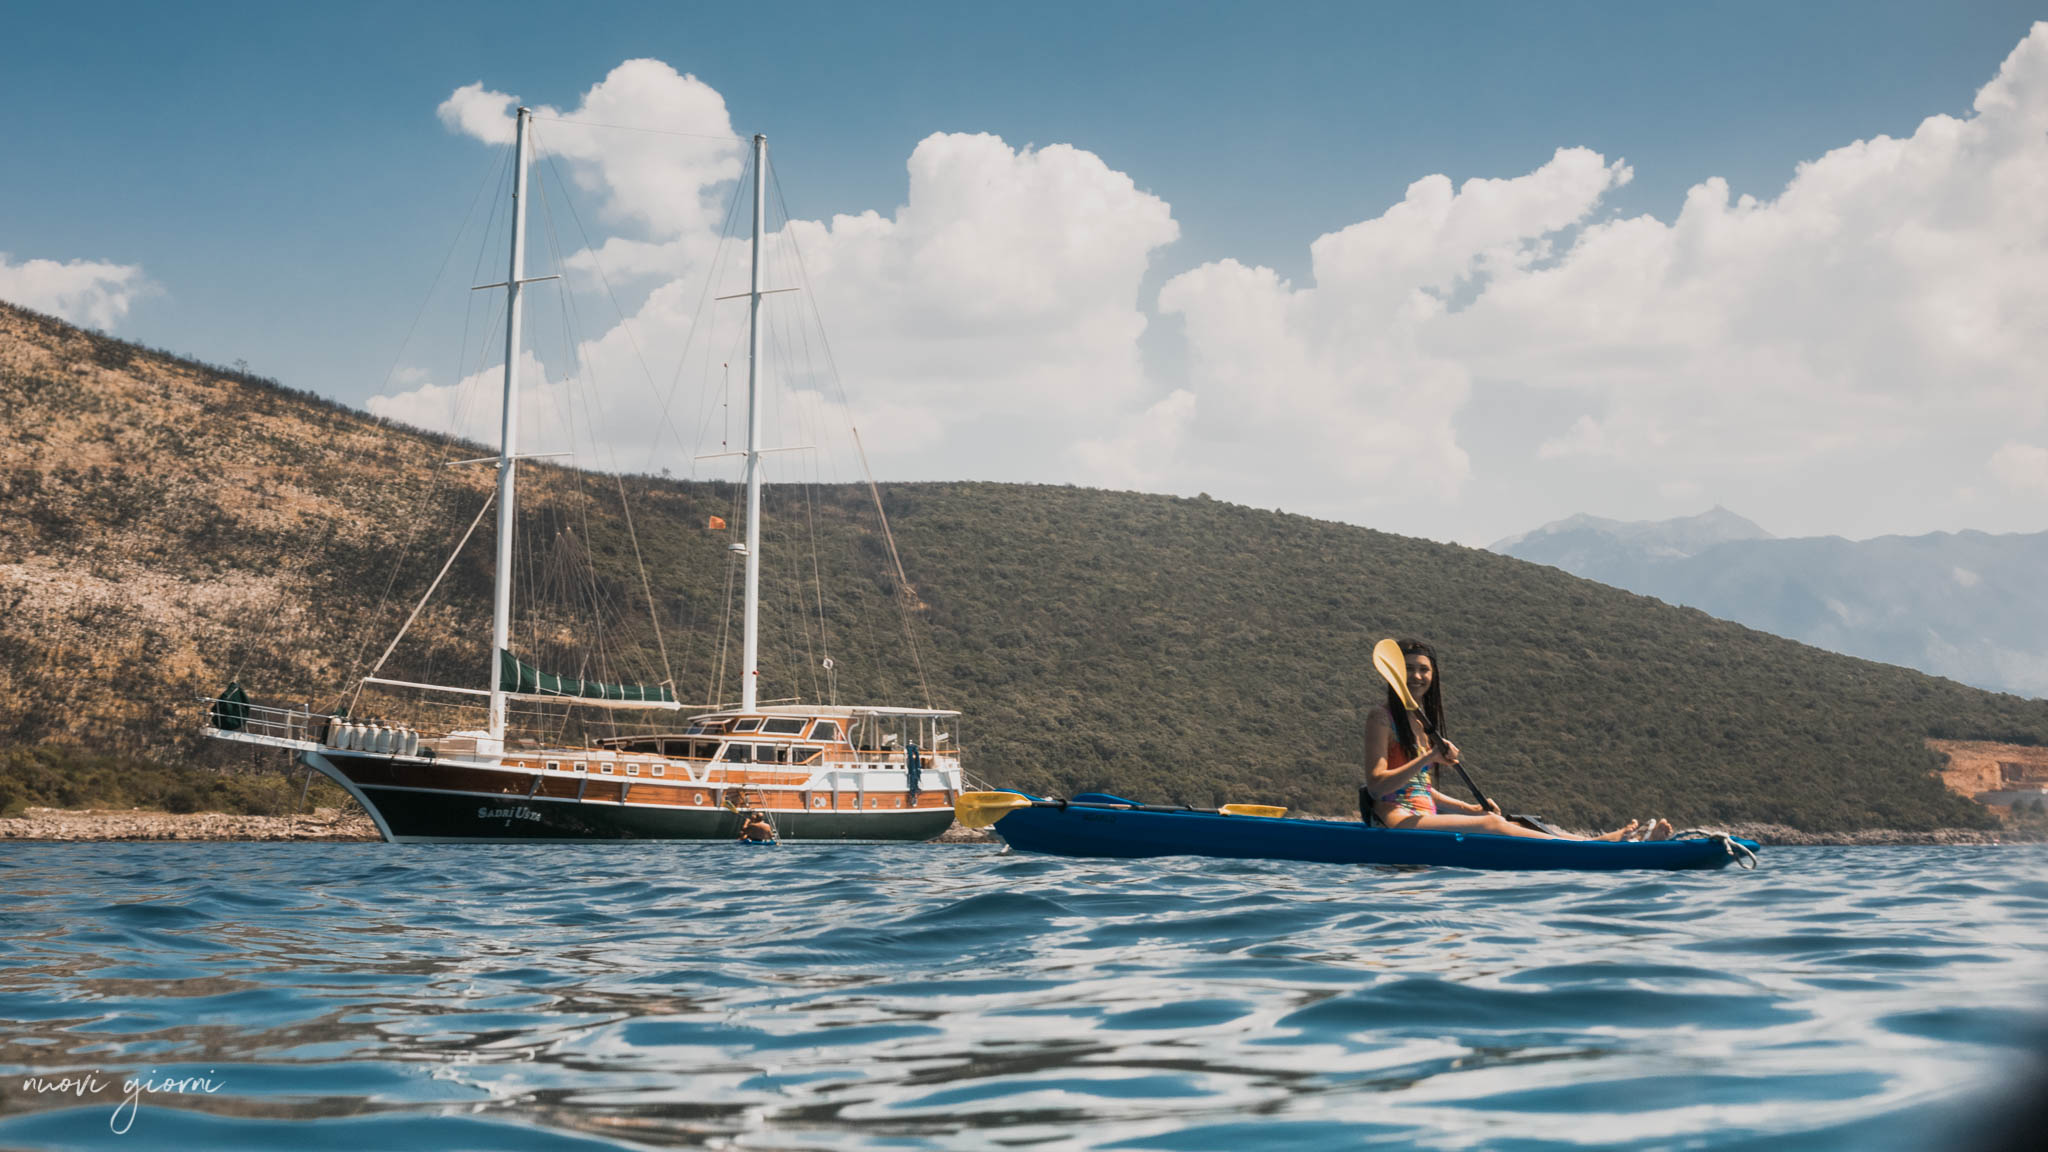 montenegro vacanza caicco gulet cruise nuovi giorni blog 56